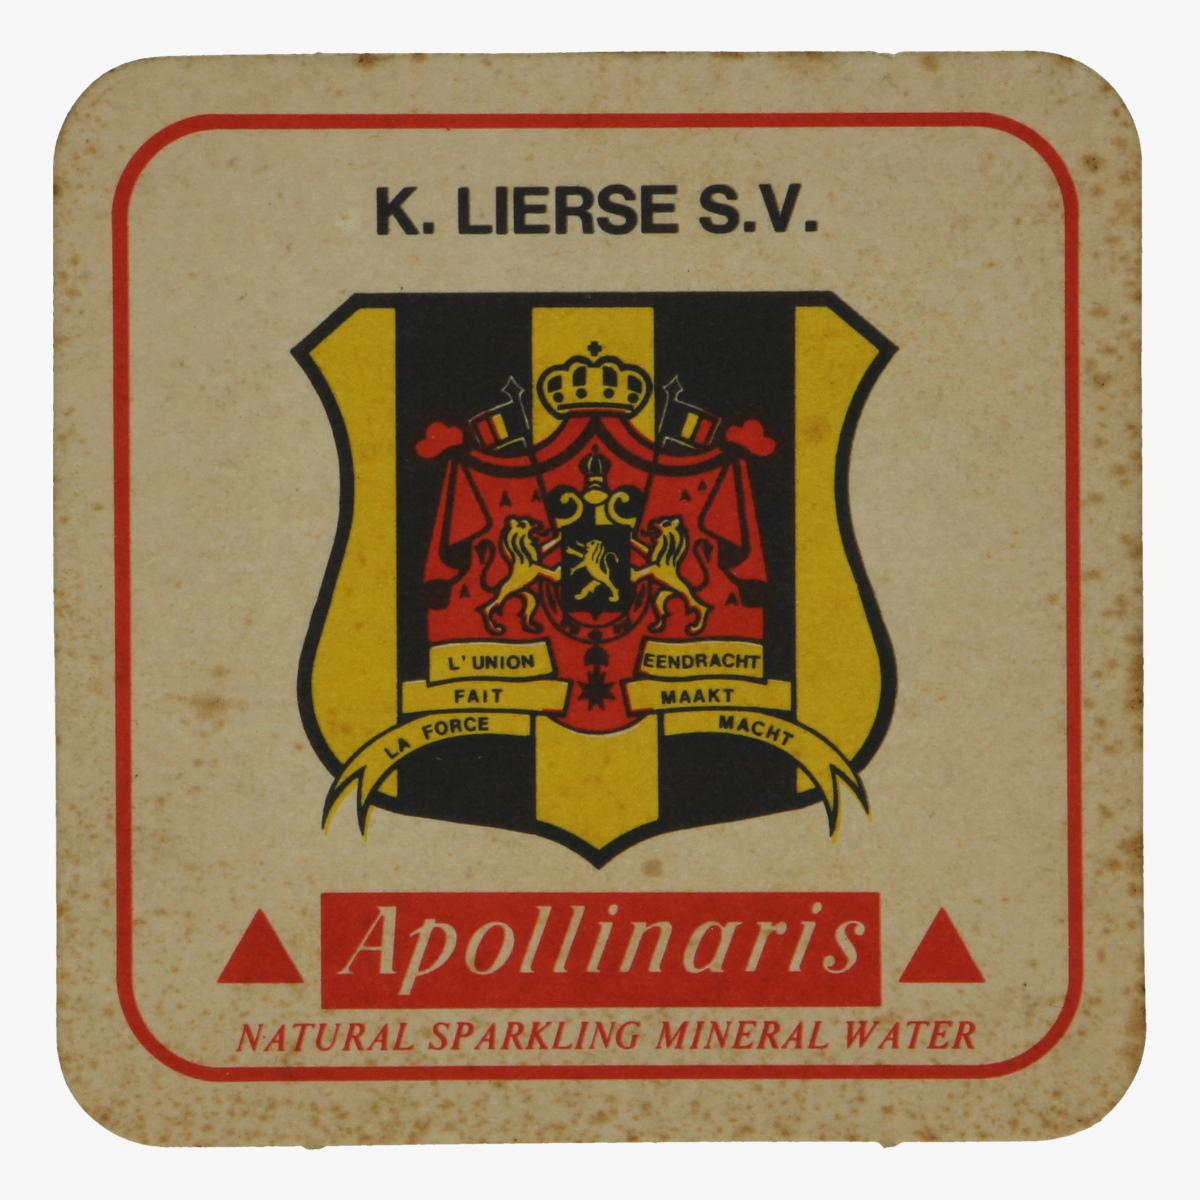 Afbeeldingen van bierkaartje k. lierse s.v apollinaris